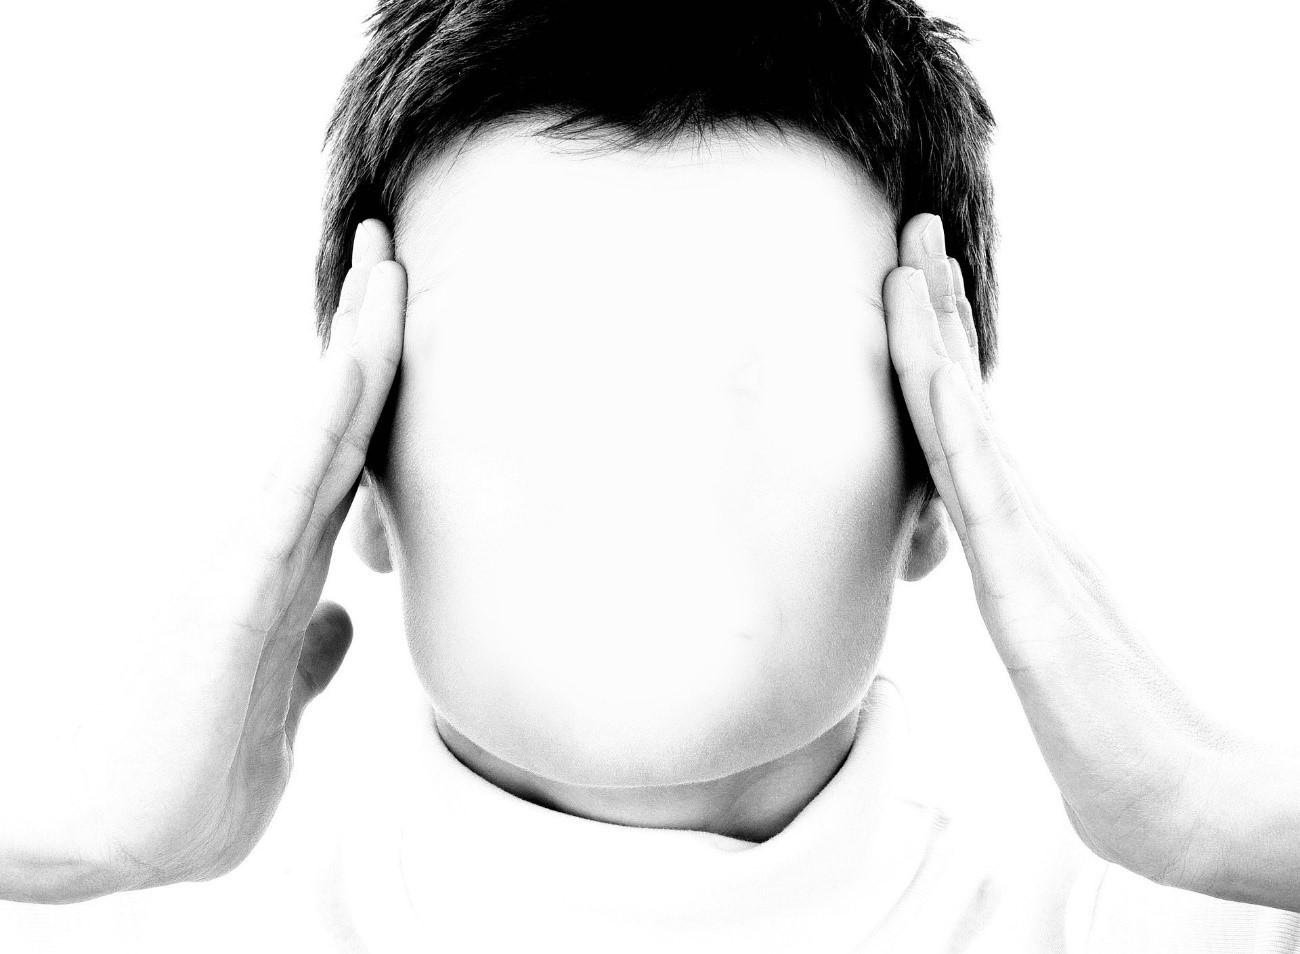 La ayuda psicológica, un aspecto vital antes de una cirugía